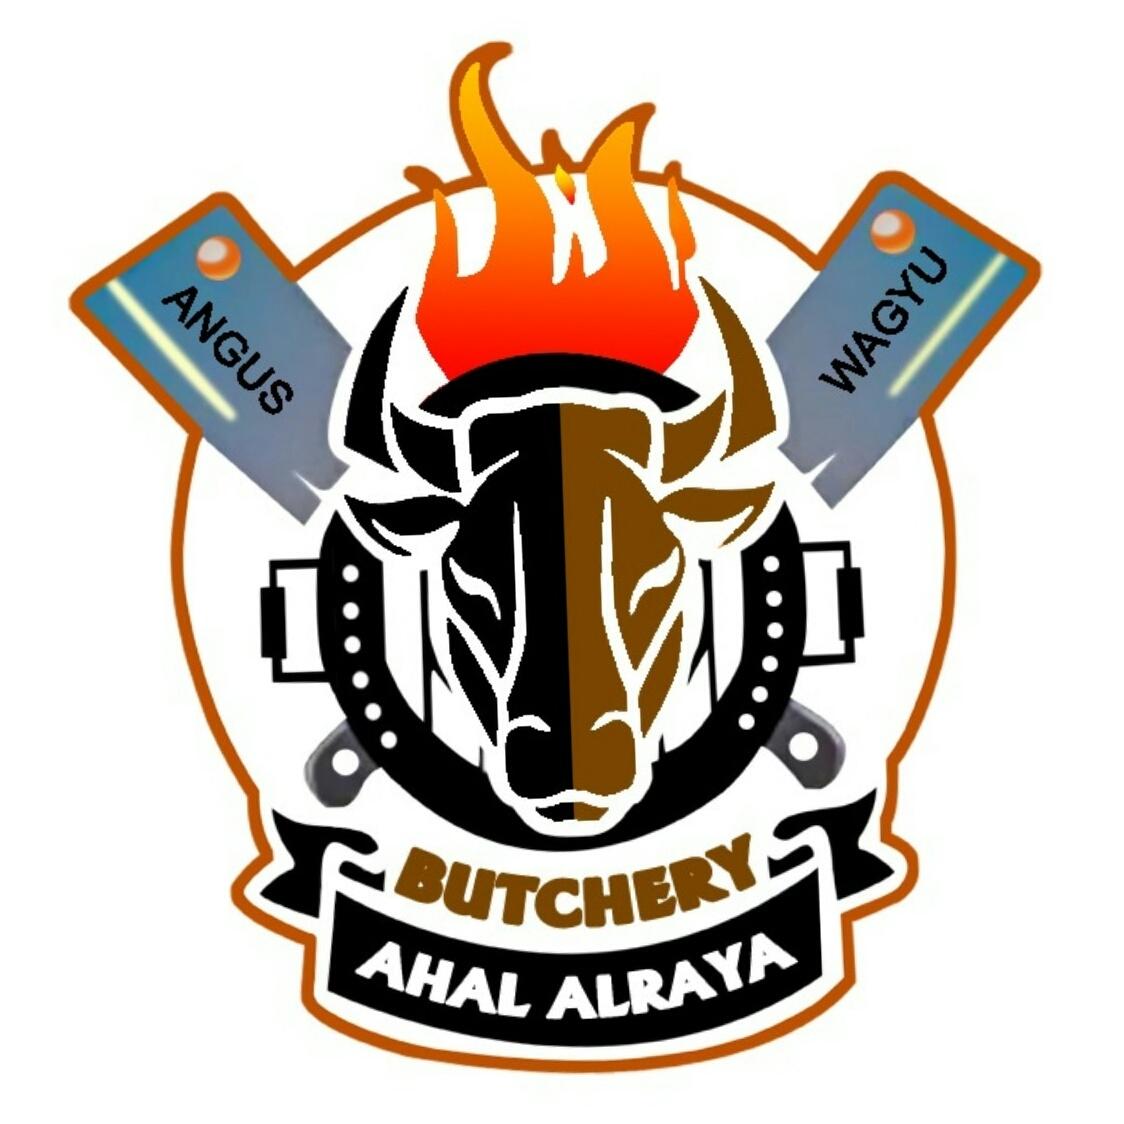 Ahal AlRaya Butchery ملحمة اهل الراية